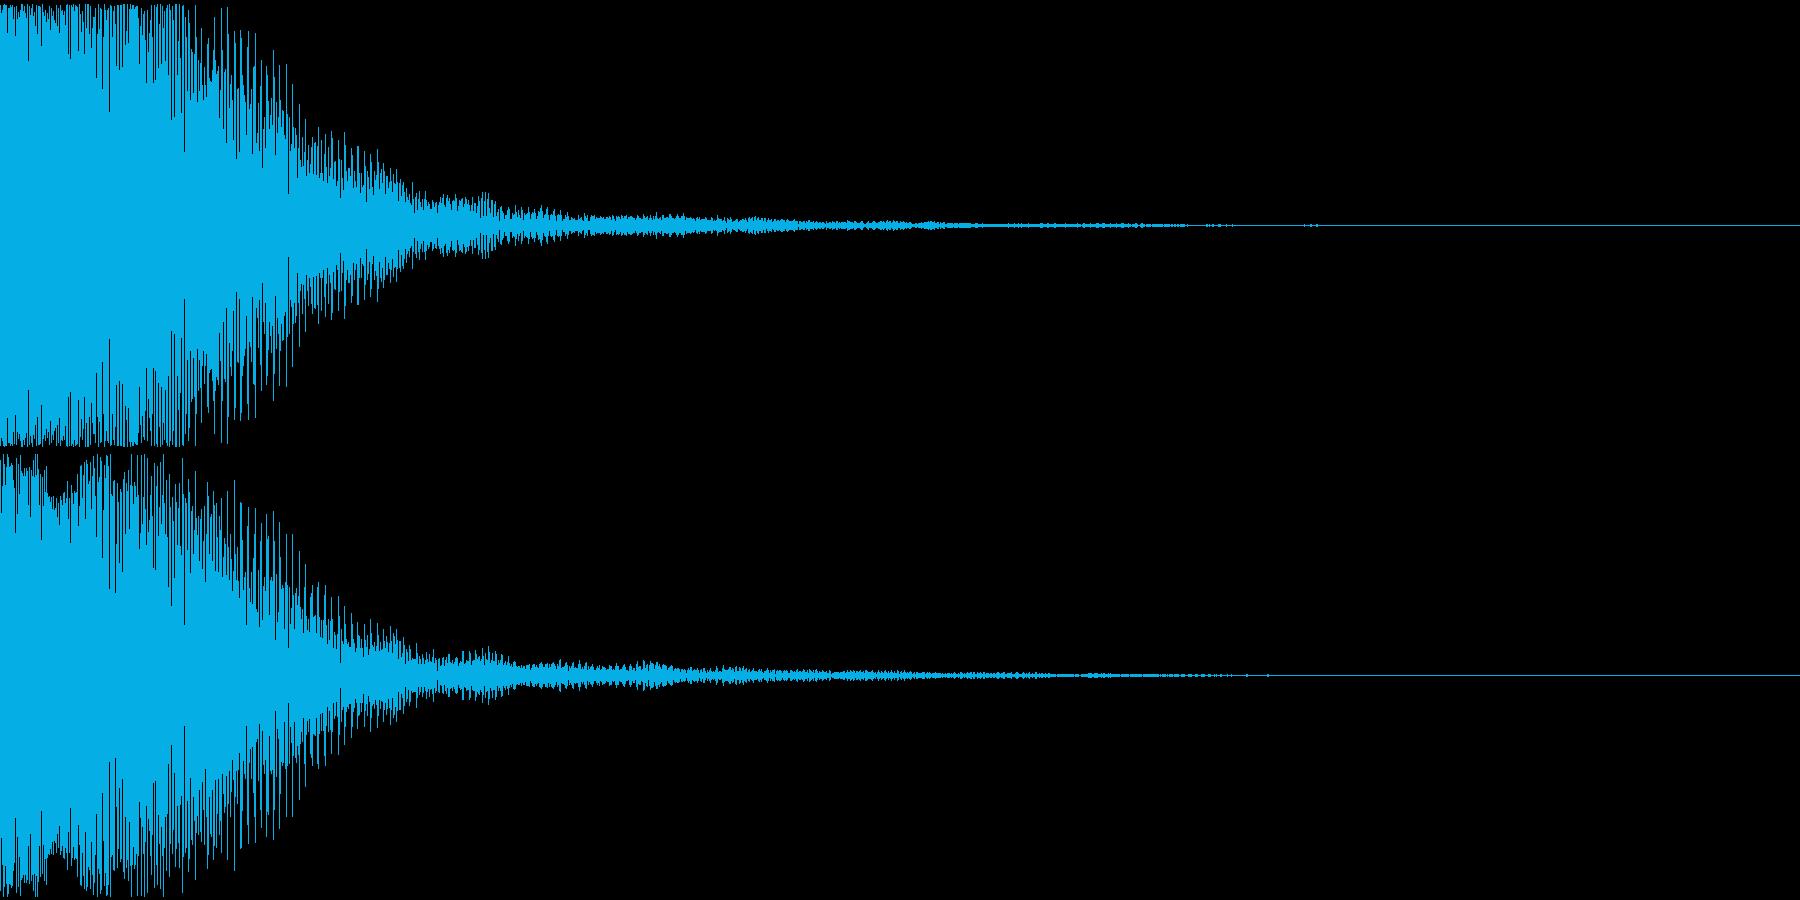 エラー音01(テロン)の再生済みの波形